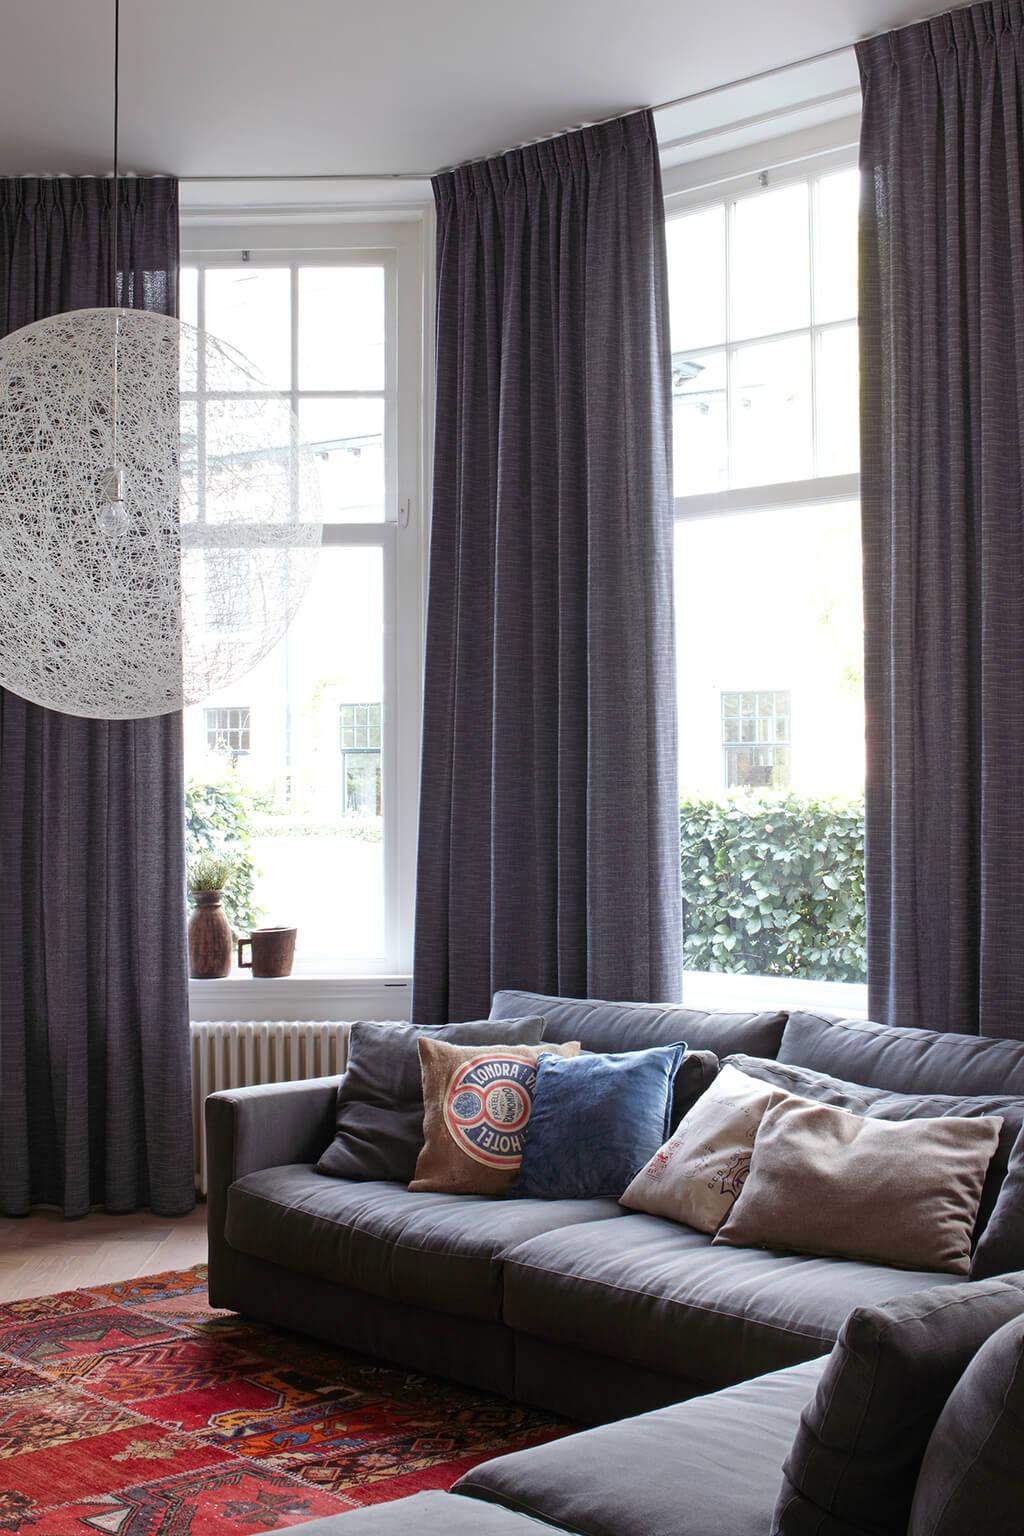 Grau-blaue Gardine mit doppelter Falte im Wohnzimmer hinter gemütlicher Couchecke